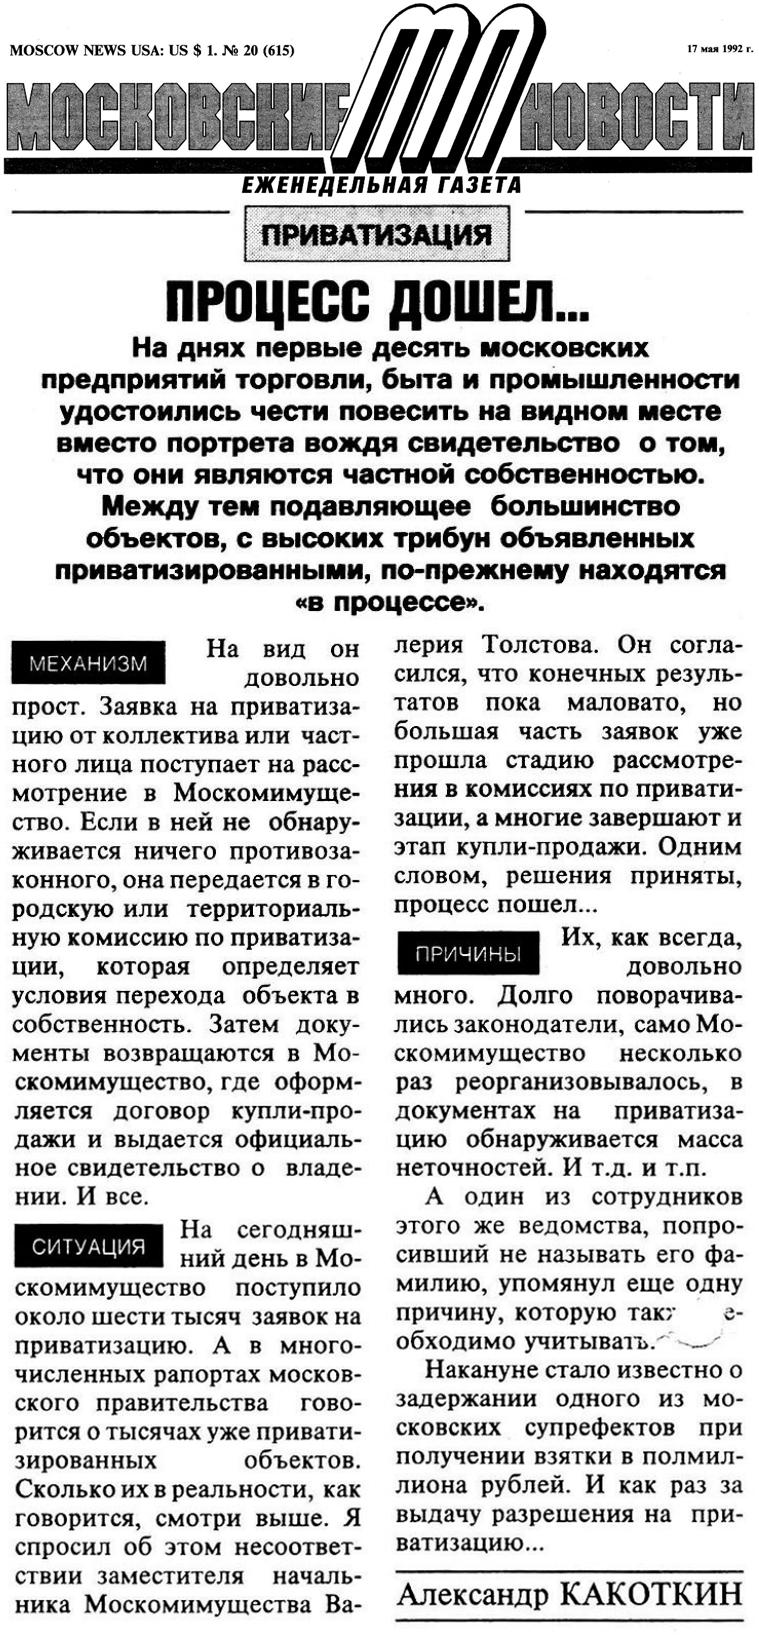 19920517-Московские новости-Процесс дошел